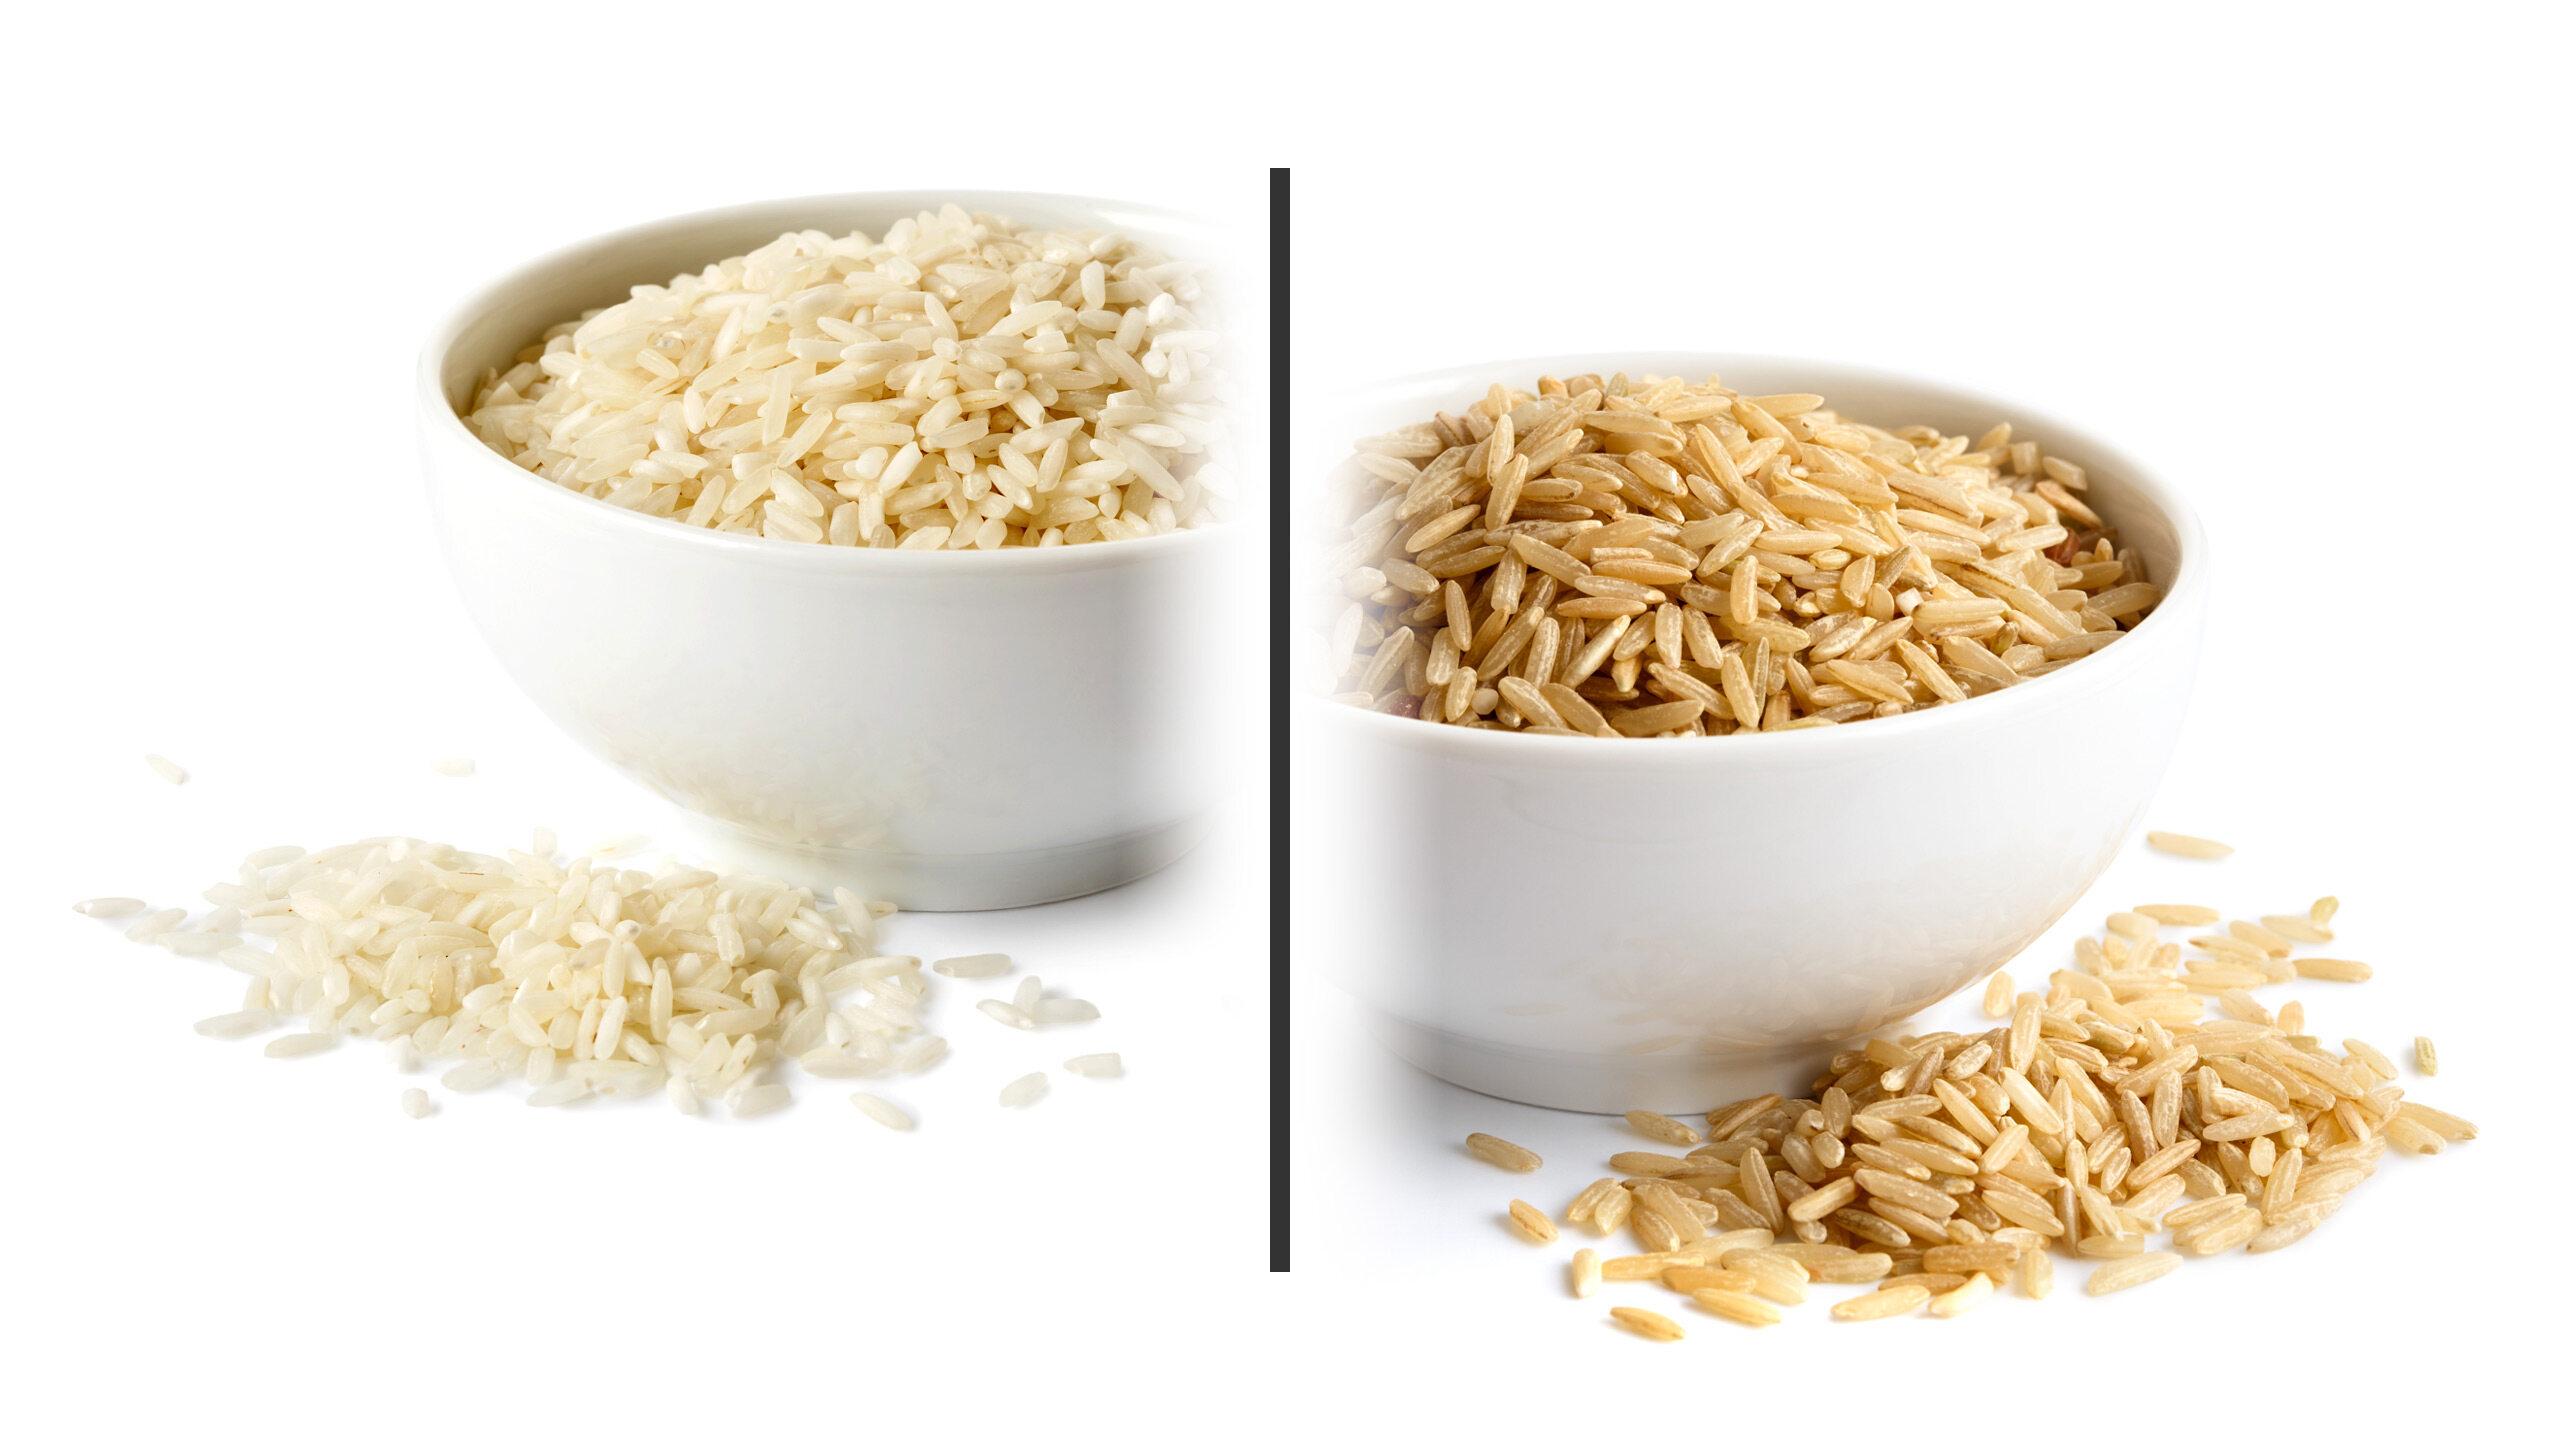 Biały i brązowy ryż. Kalorie, składniki odżywcze